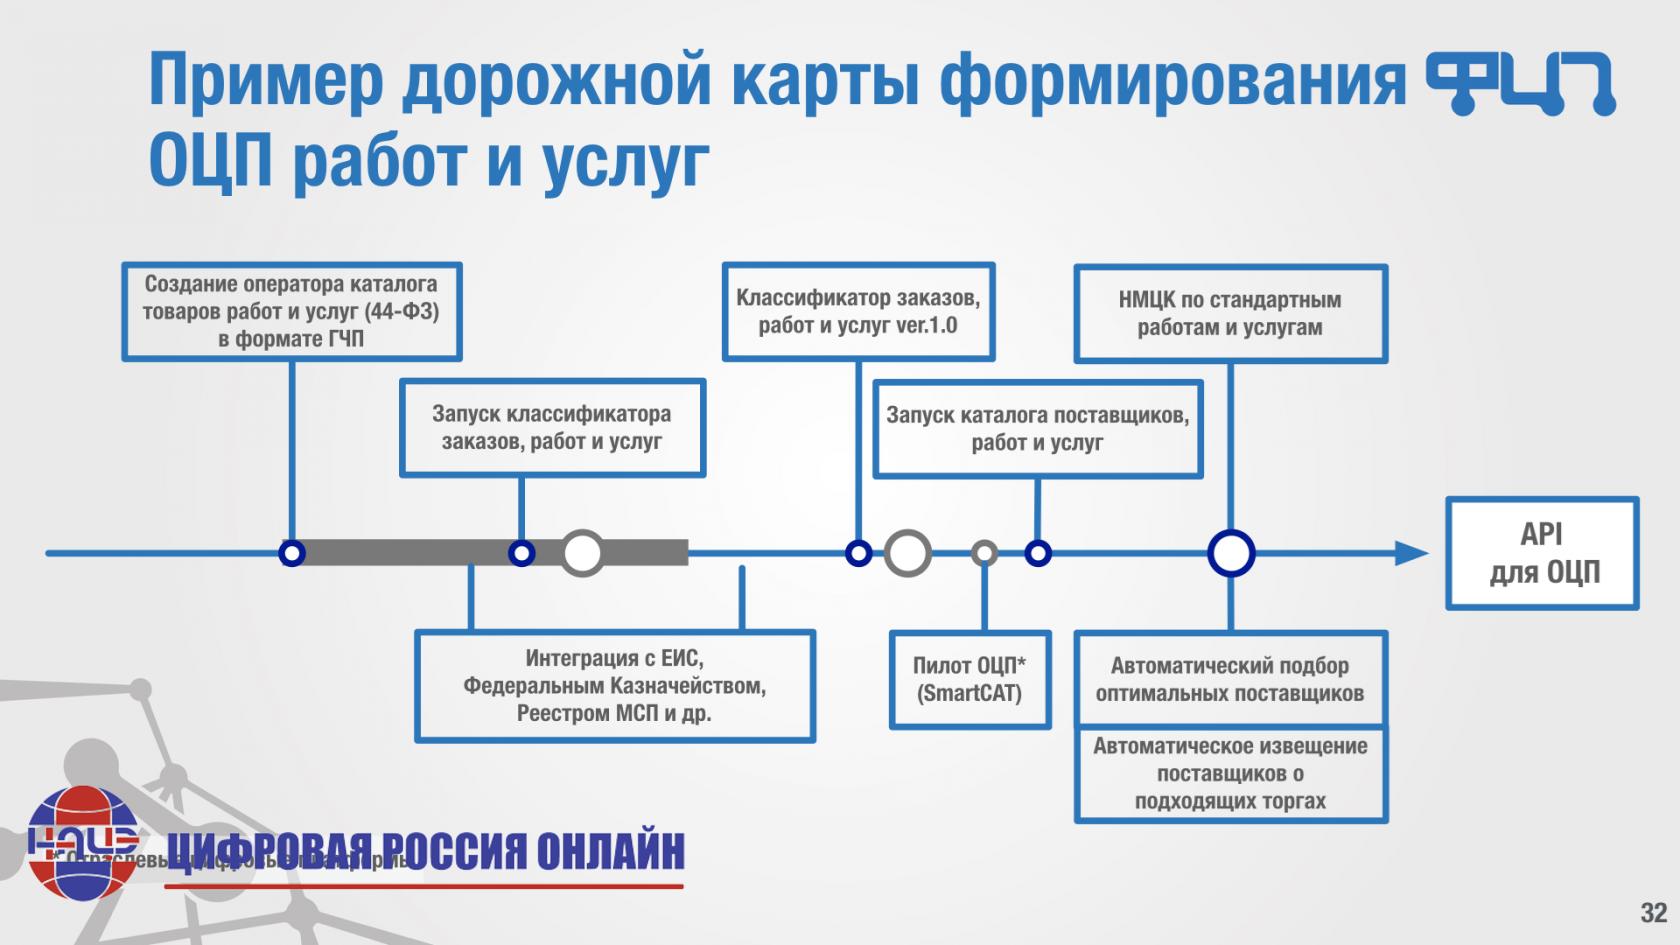 Медведев сообщил, что рф и белоруссия подготовят новые версии дорожных карт по интеграции